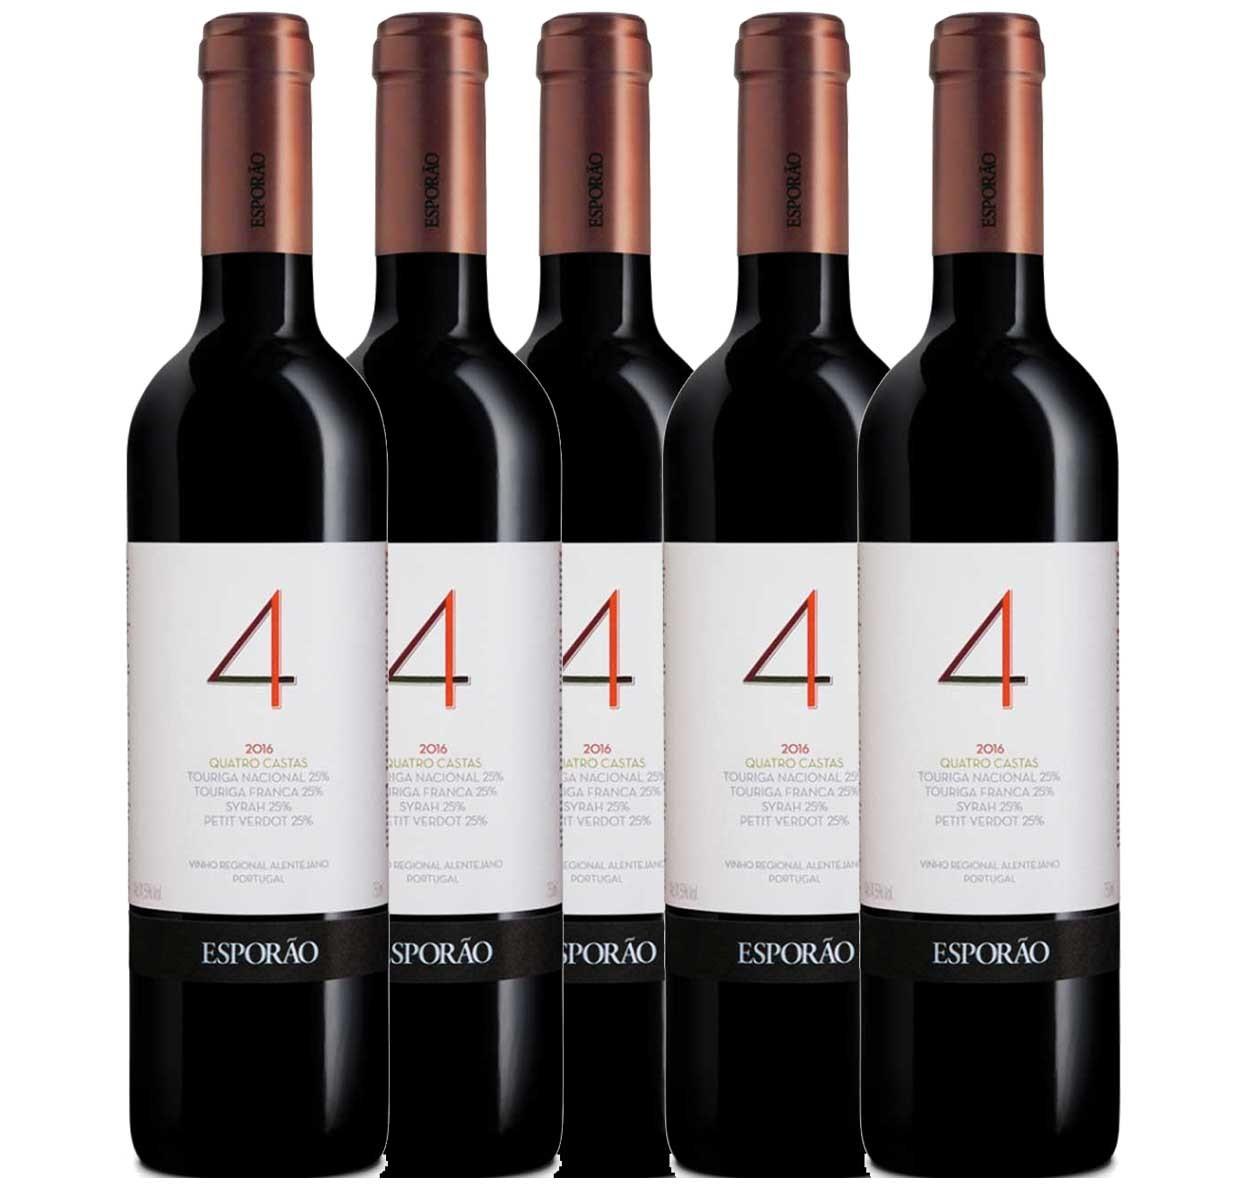 Kit 6x Vinho Tinto Português Esporão 4 Castas 2018 750ml